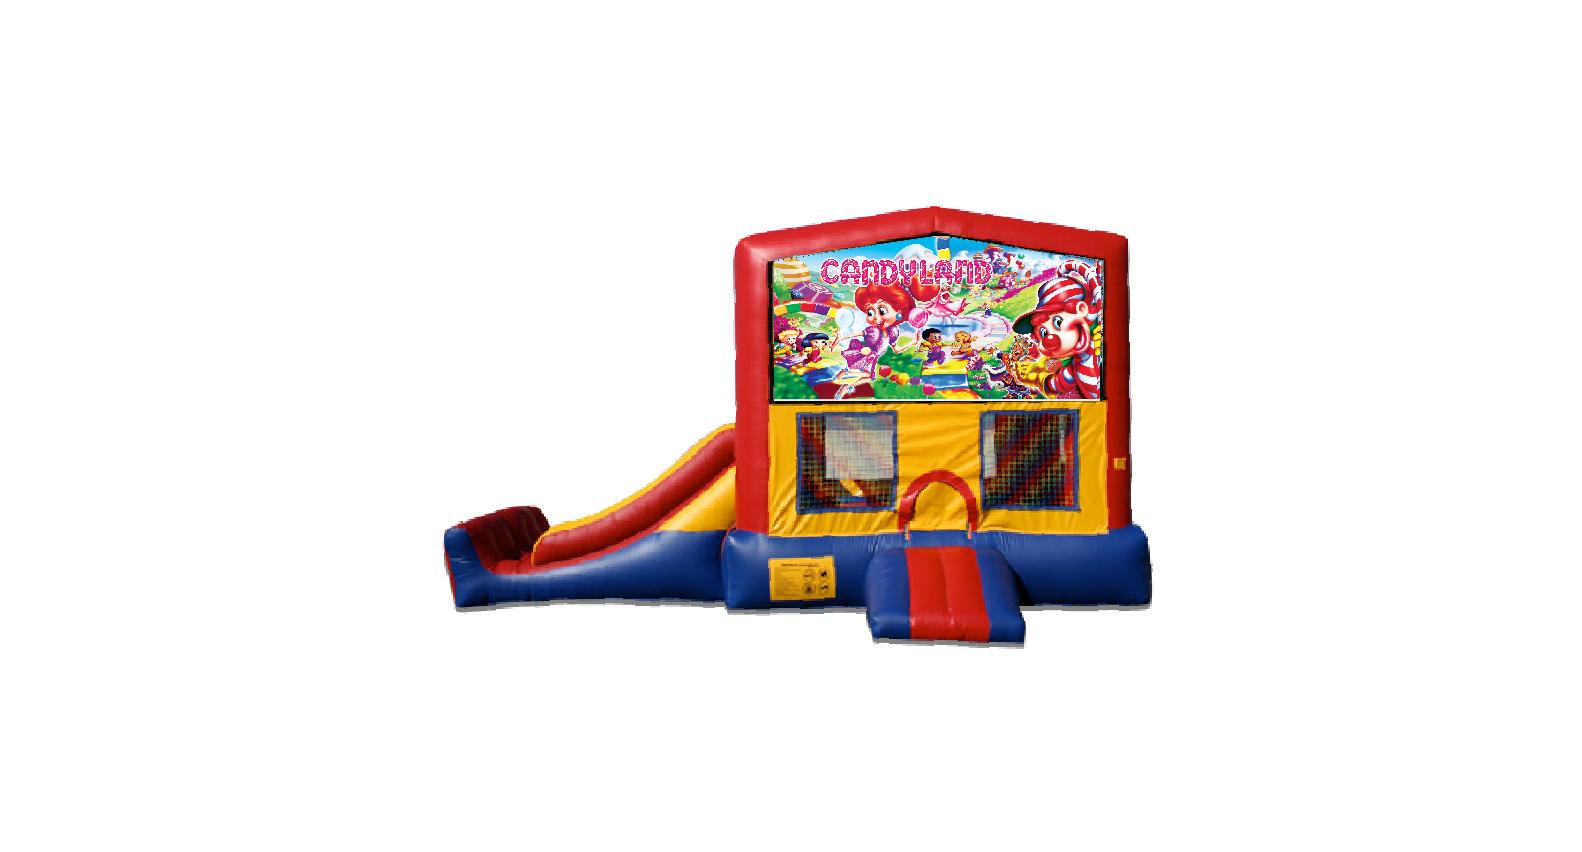 Candyland 3 in 1 Mini Slide